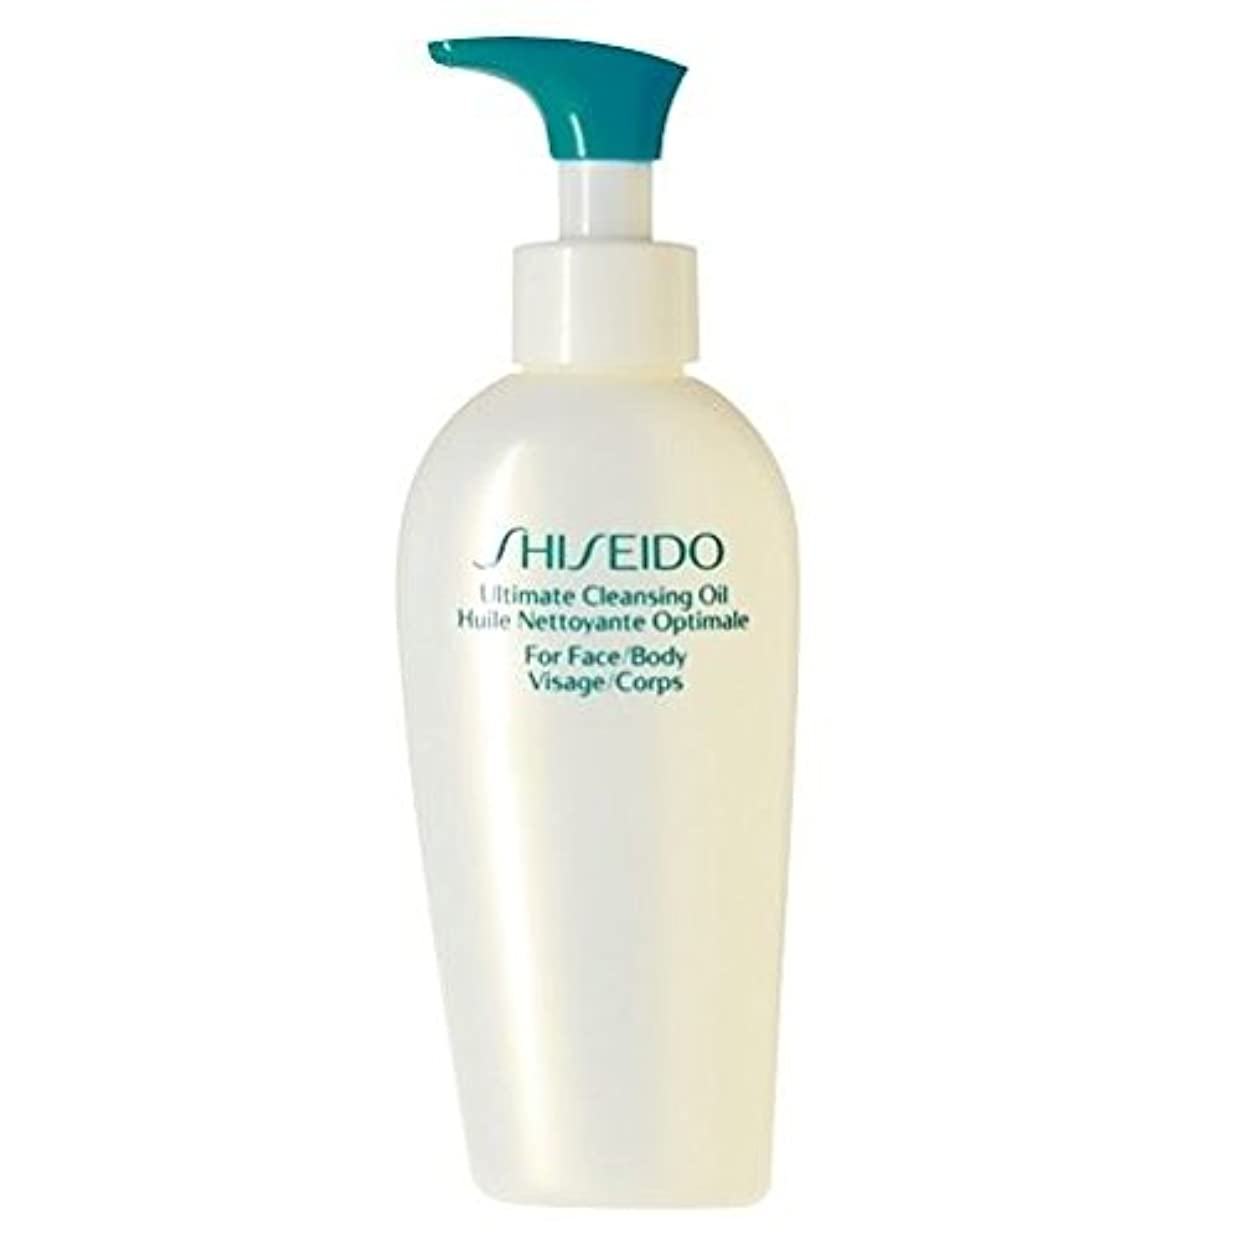 主導権紳士アルミニウム[Shiseido] 資生堂究極のクレンジングオイル、150ミリリットル - Shiseido Ultimate Cleansing Oil, 150ml [並行輸入品]